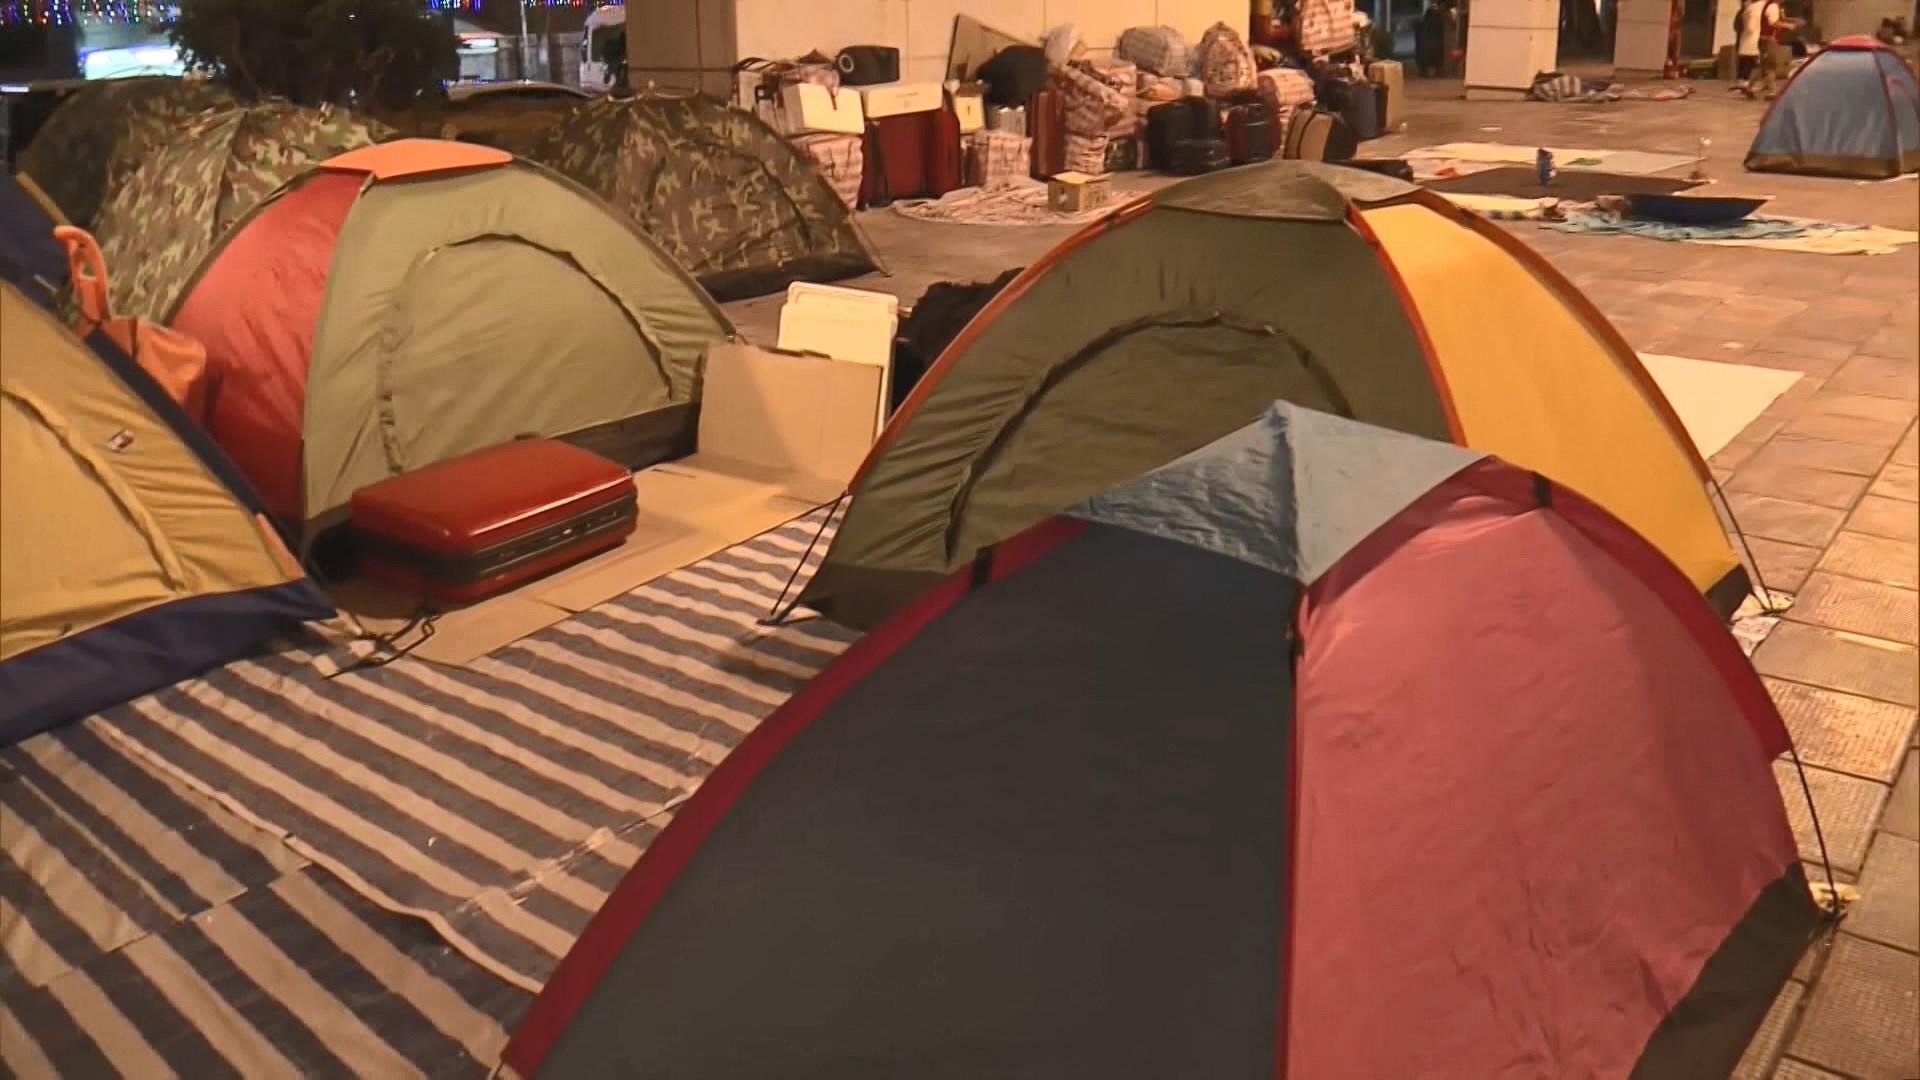 大埔巴士總站出現十幾個露營帳幕